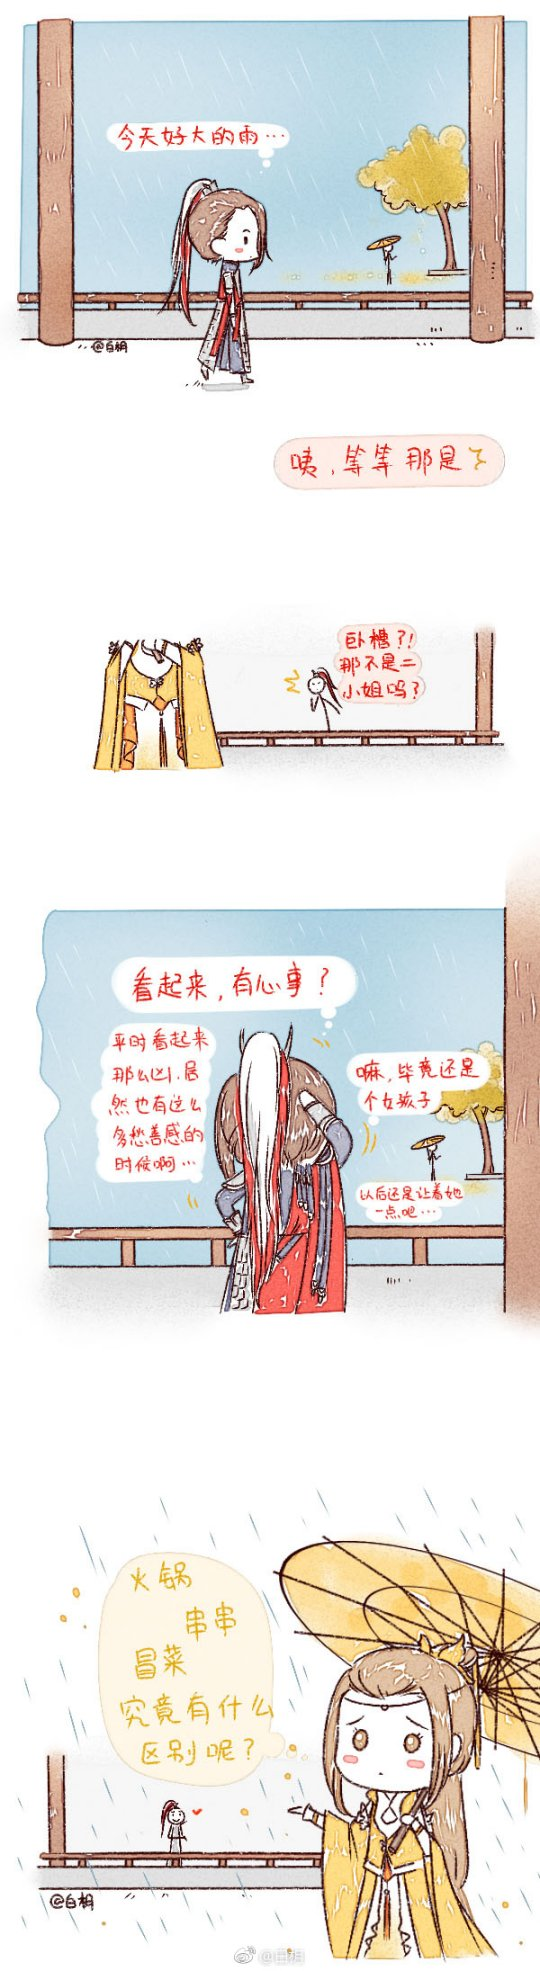 剑网同人 (5).jpg